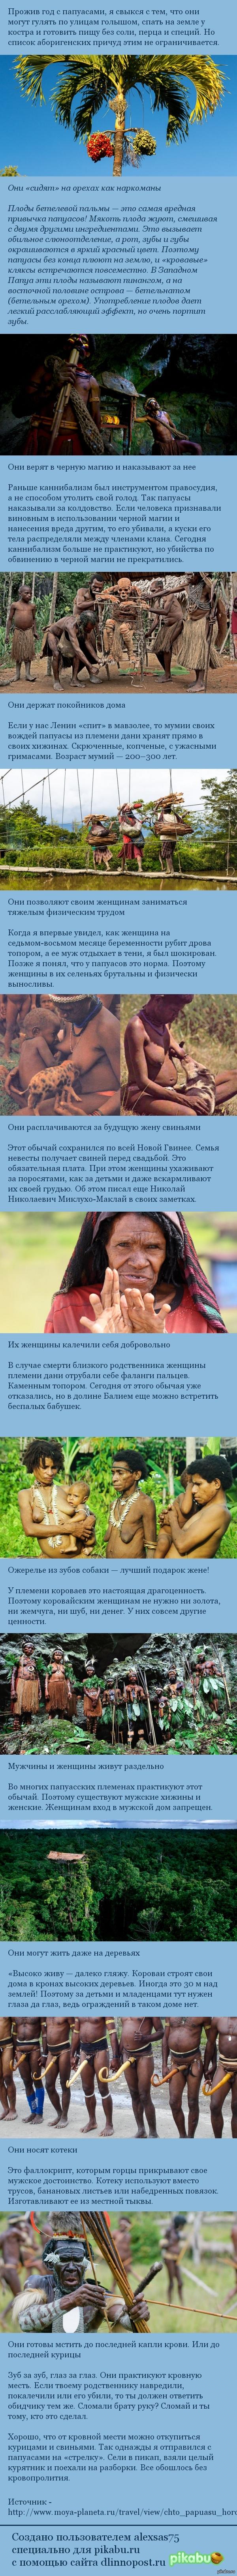 Что папуасу хорошо, то русский не поймет (Александр Потоцкий) не мое, БМ выдал какую-то муть